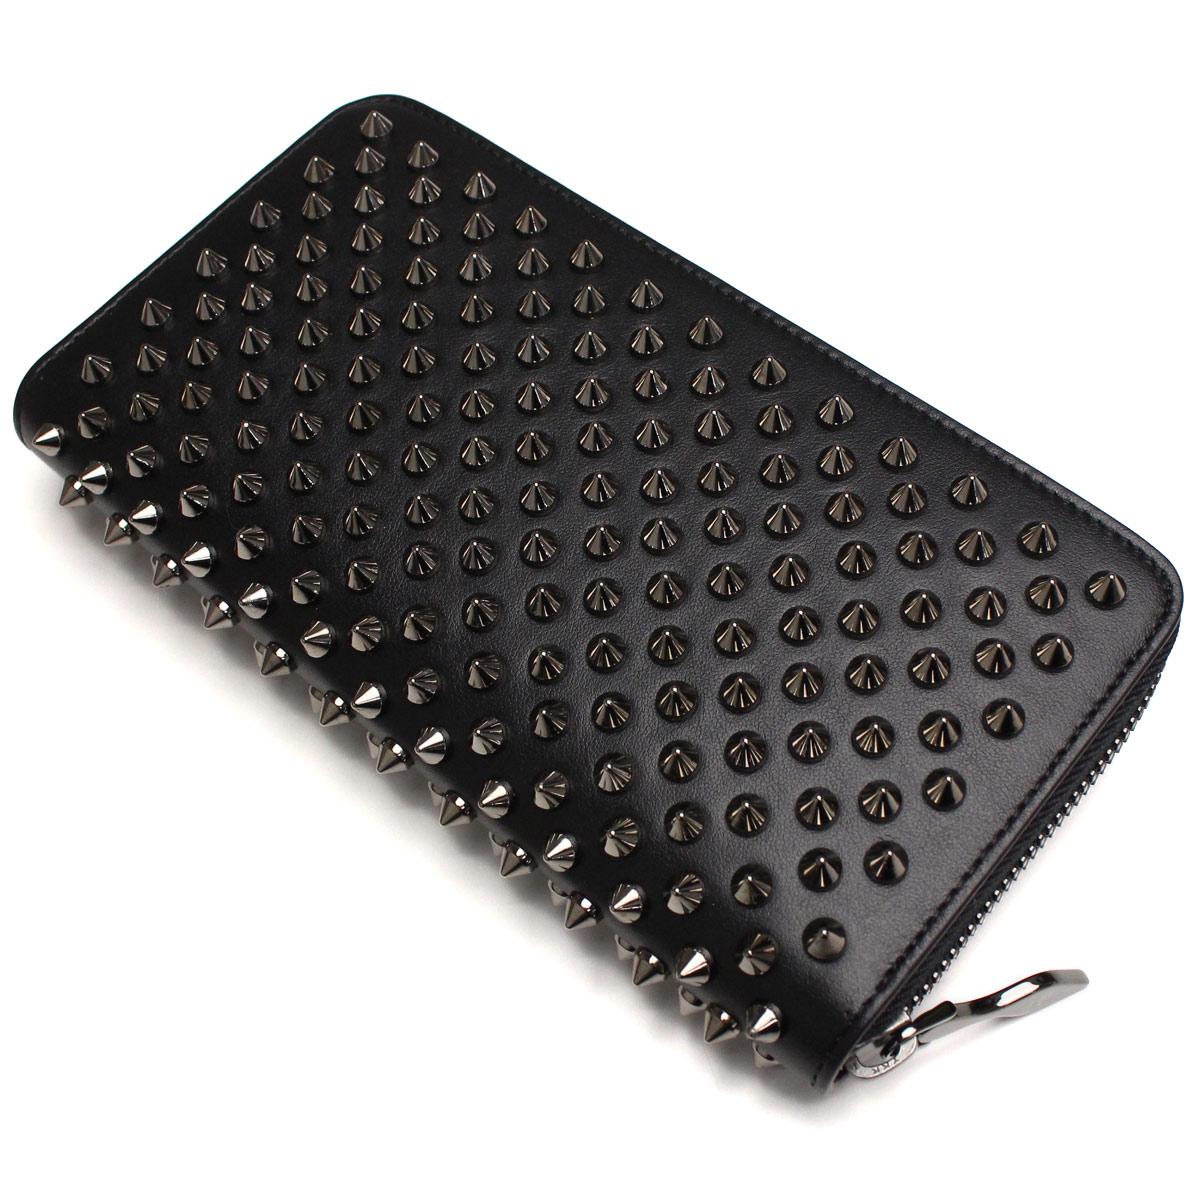 크리스챤 르 부탄 (Christian Louboutin) 지갑 라운드 패스너 1165065-B078 BLACK/GUNMETAL 블랙